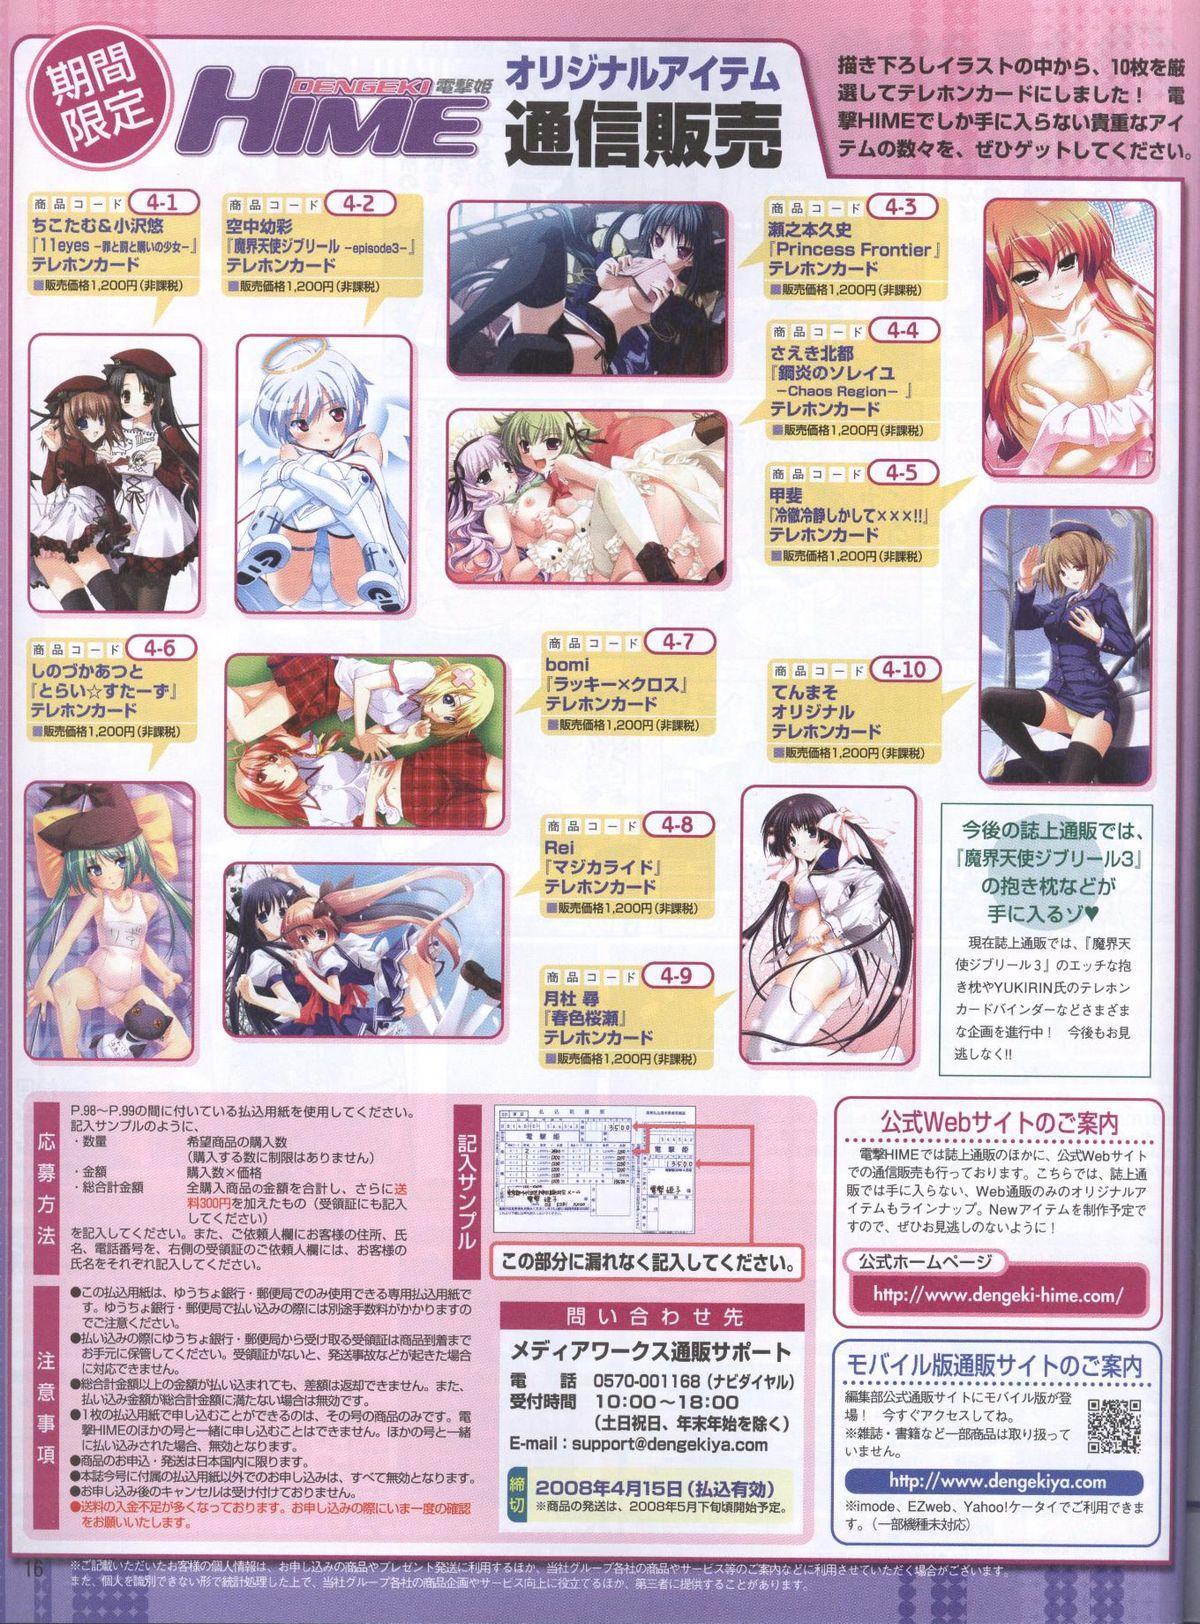 Dengeki Hime 2008--04 11